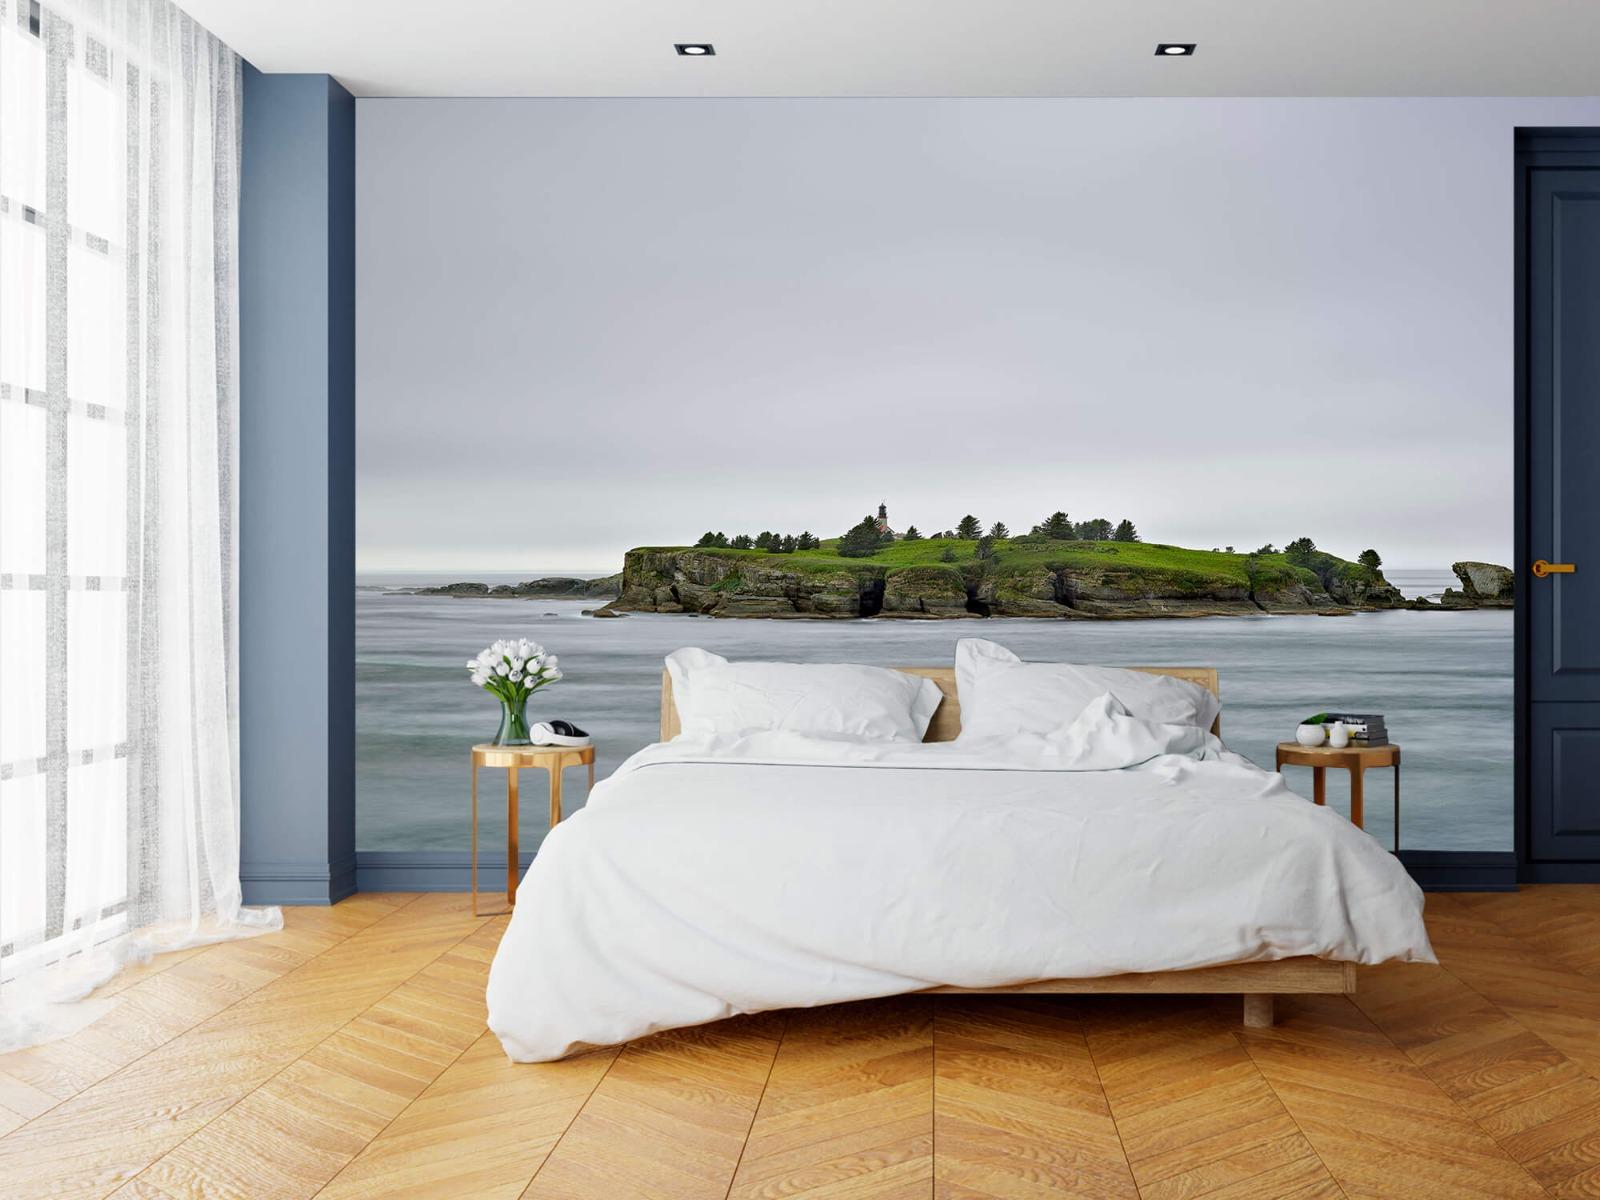 Zeeën en Oceanen - Eiland in zee - Slaapkamer 18